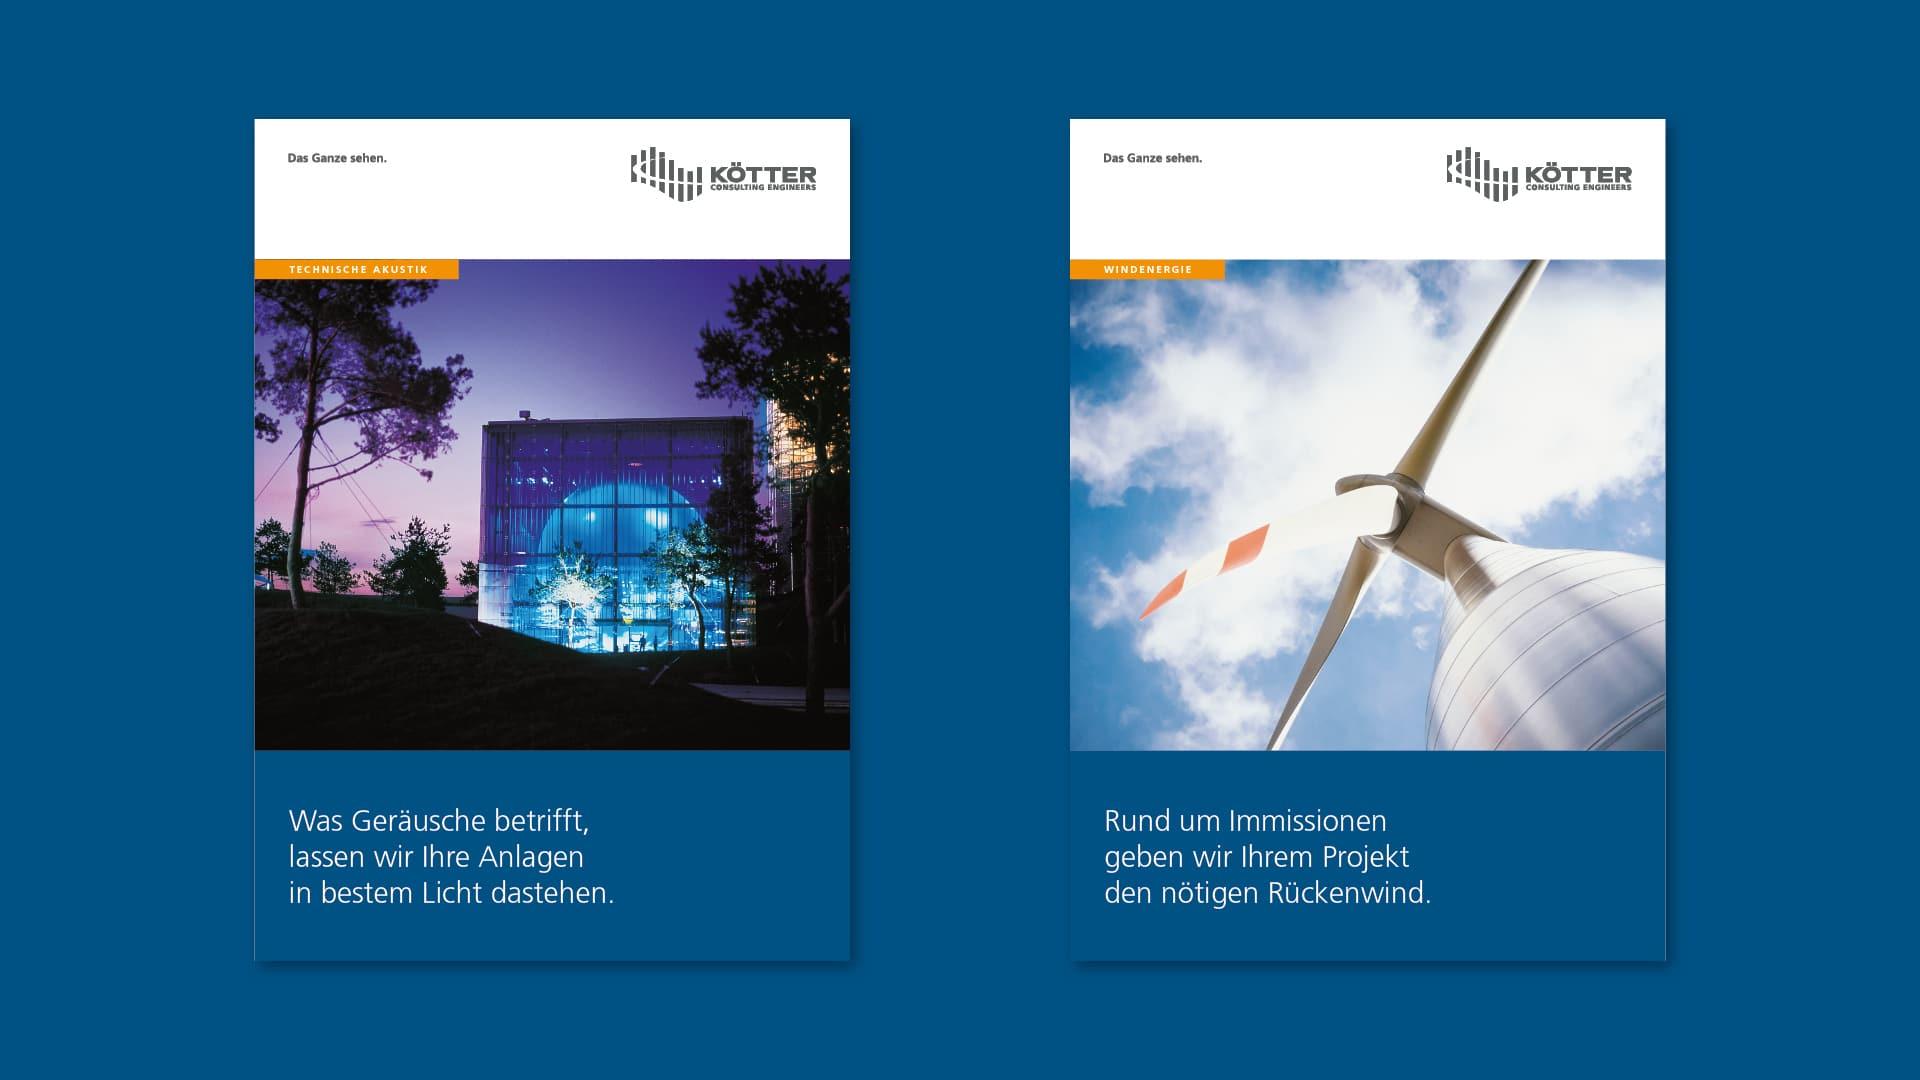 KCE Titelseiten Praes Aufb v014 - Spezialisten für Schwingungen treffen auf Experten für Corporate Design – Corporate Design, Grafikdesign, Kommunikationsdesign, Branding, Markenentwicklung, Editorial Design